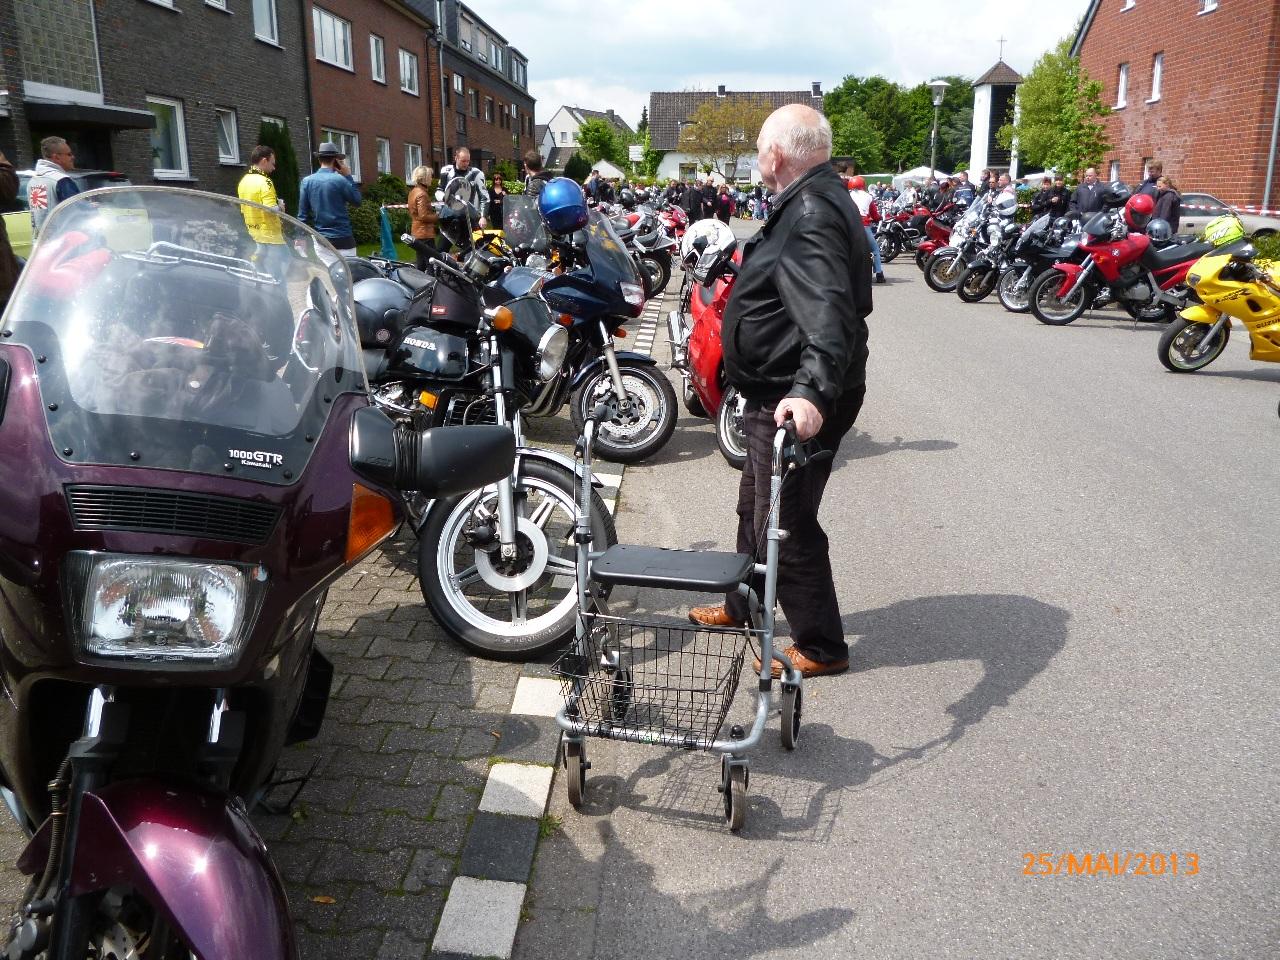 32-motorradfahrer-gottesdienst_2013_52